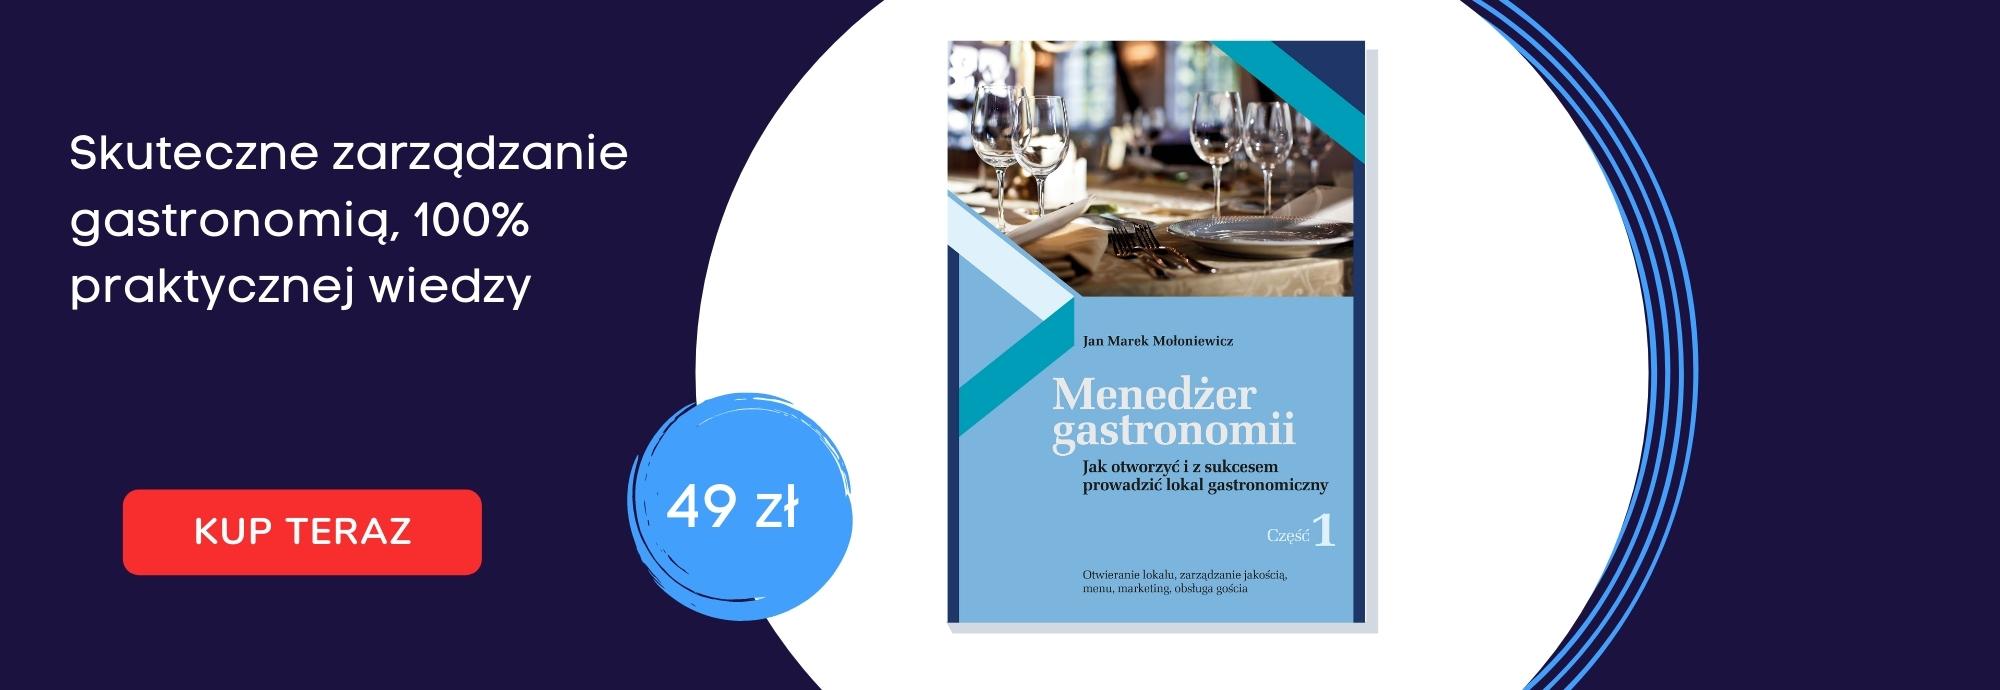 www menedżer gastronomii cz 1